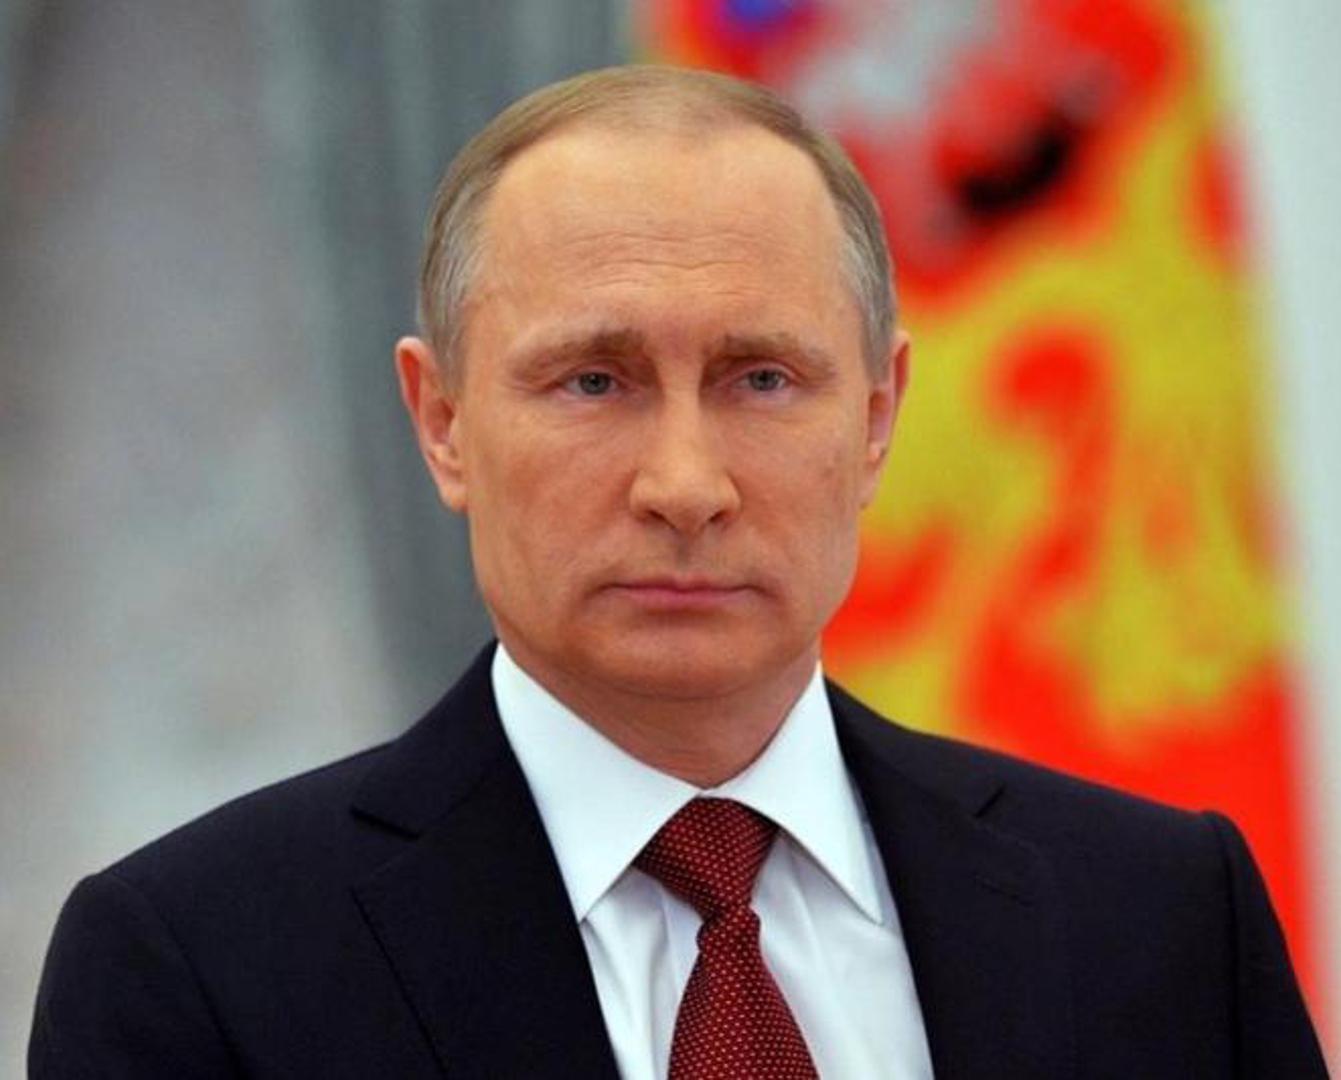 Владимир Путин Нұрсұлтан Назарбаев туралы: Әрдайым болашаққа ұмтылған адам